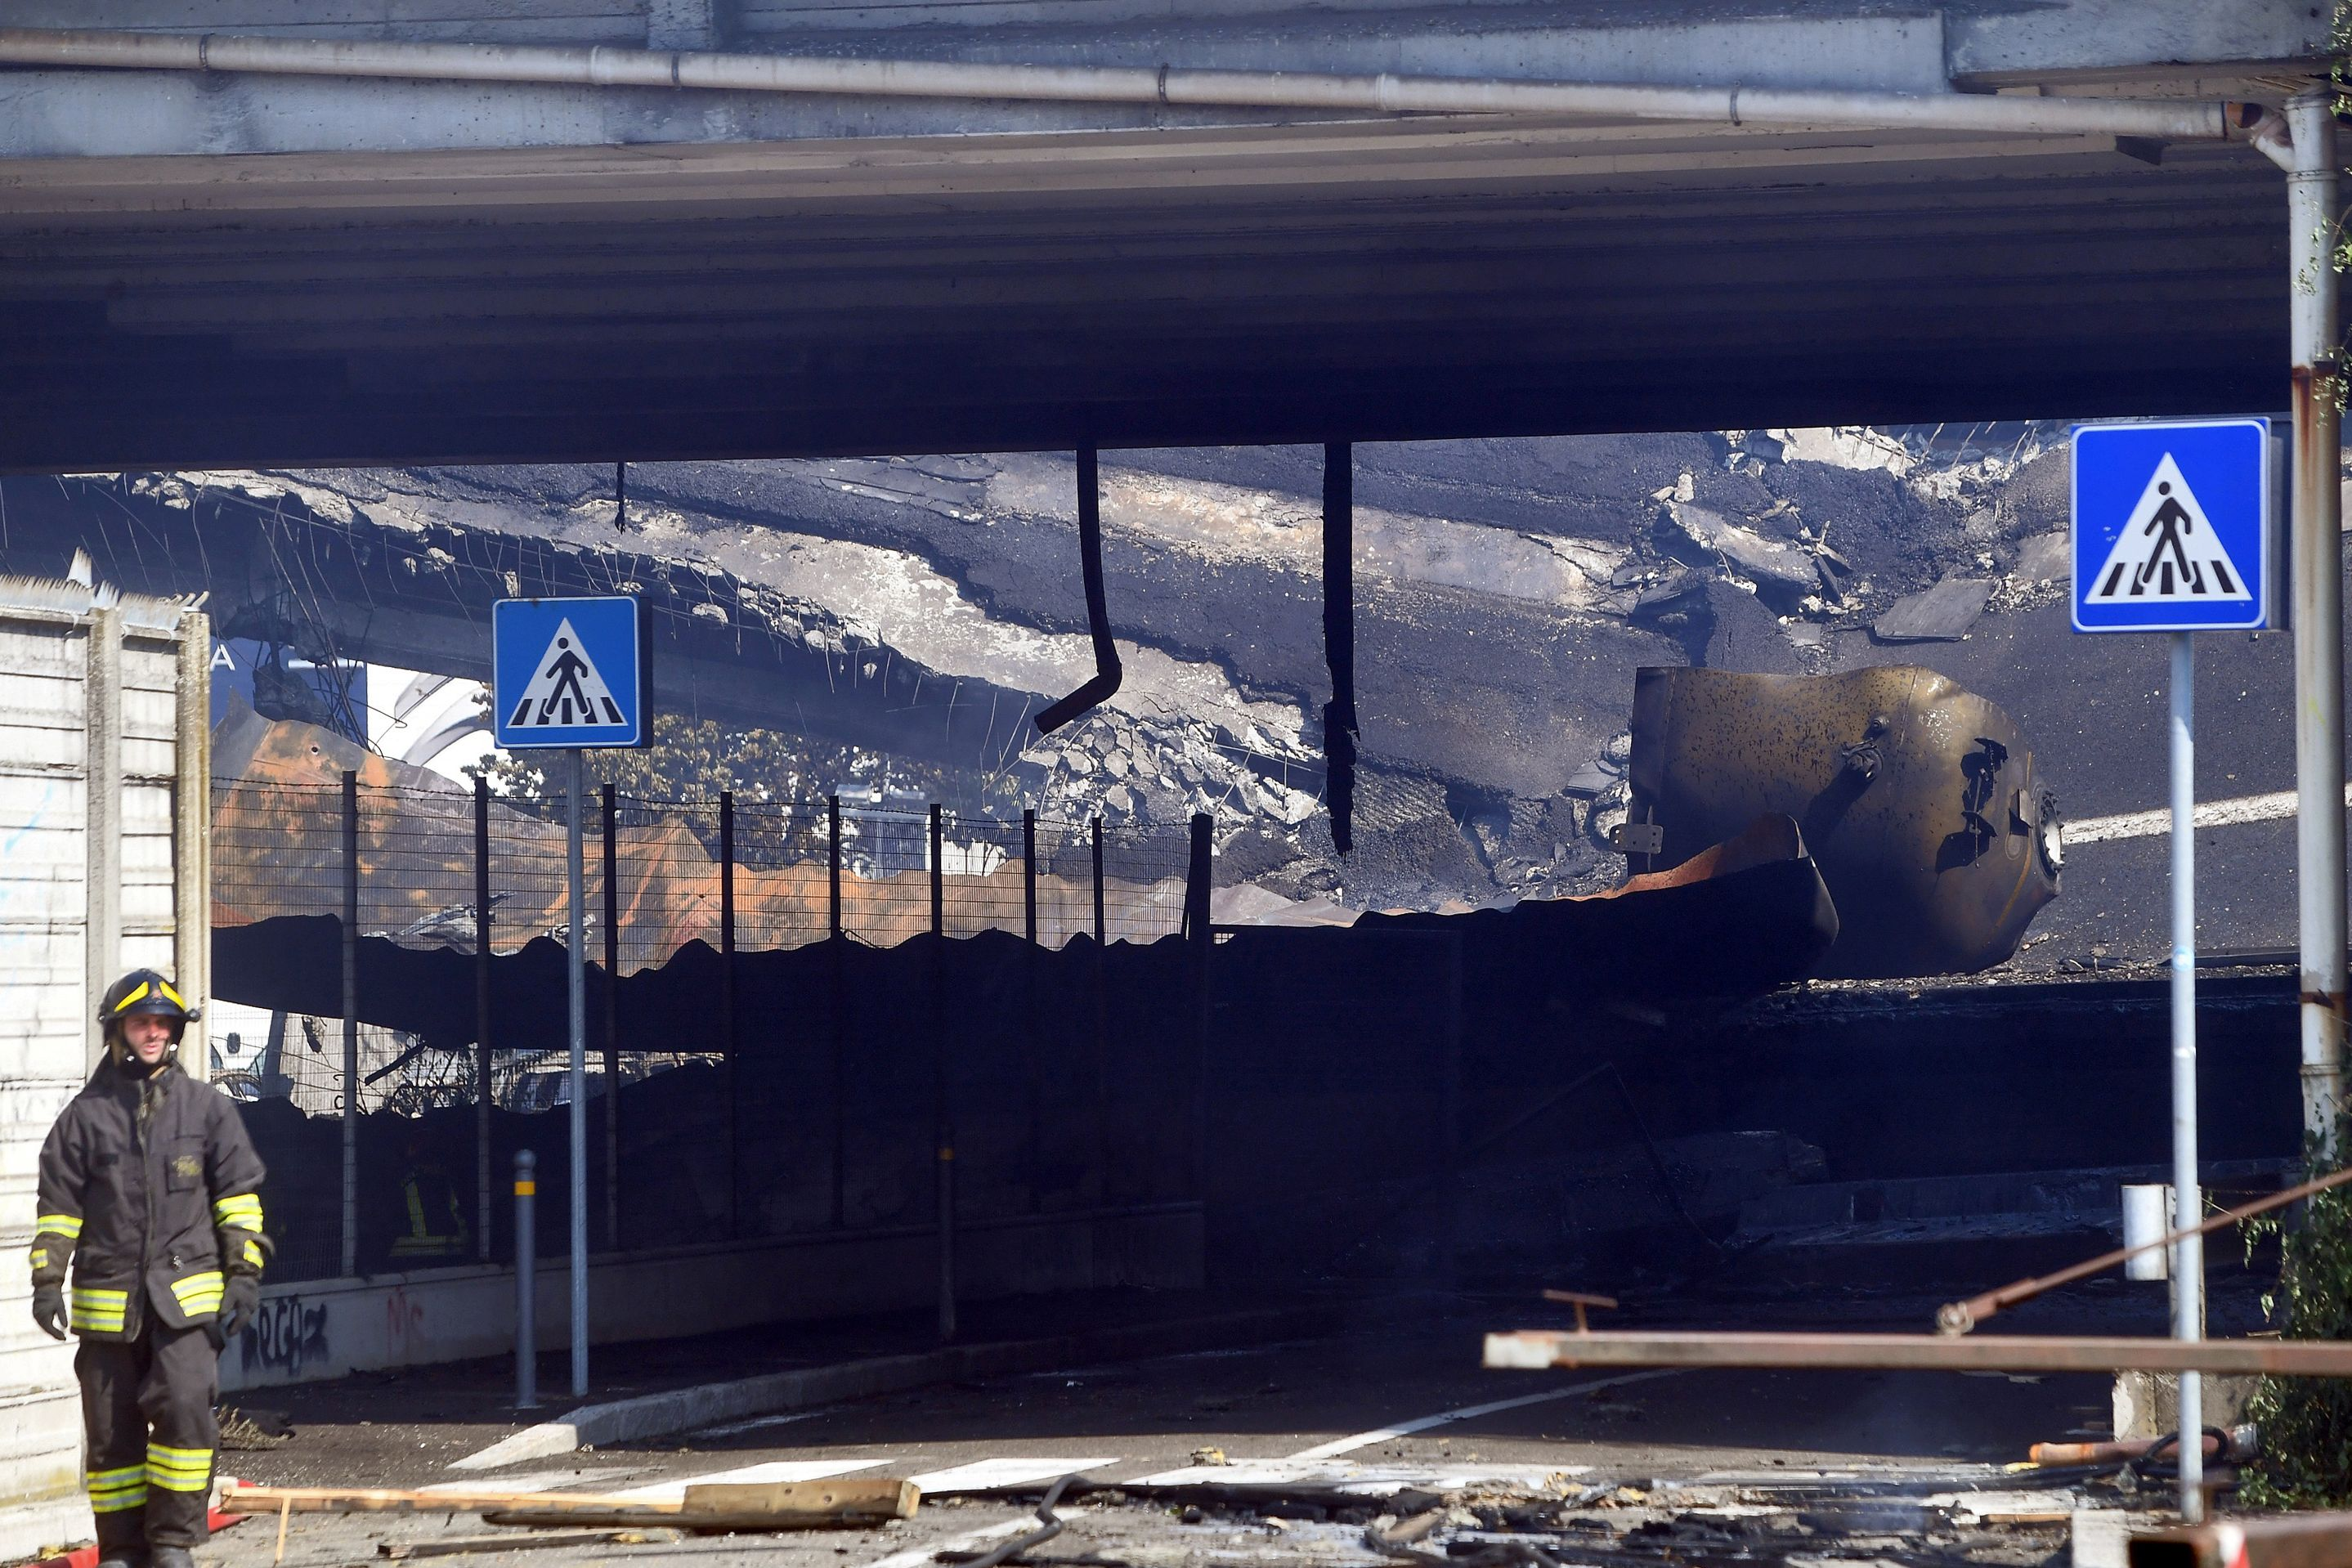 انهبار جزئى لأحد الجسور بسبب الانفجار